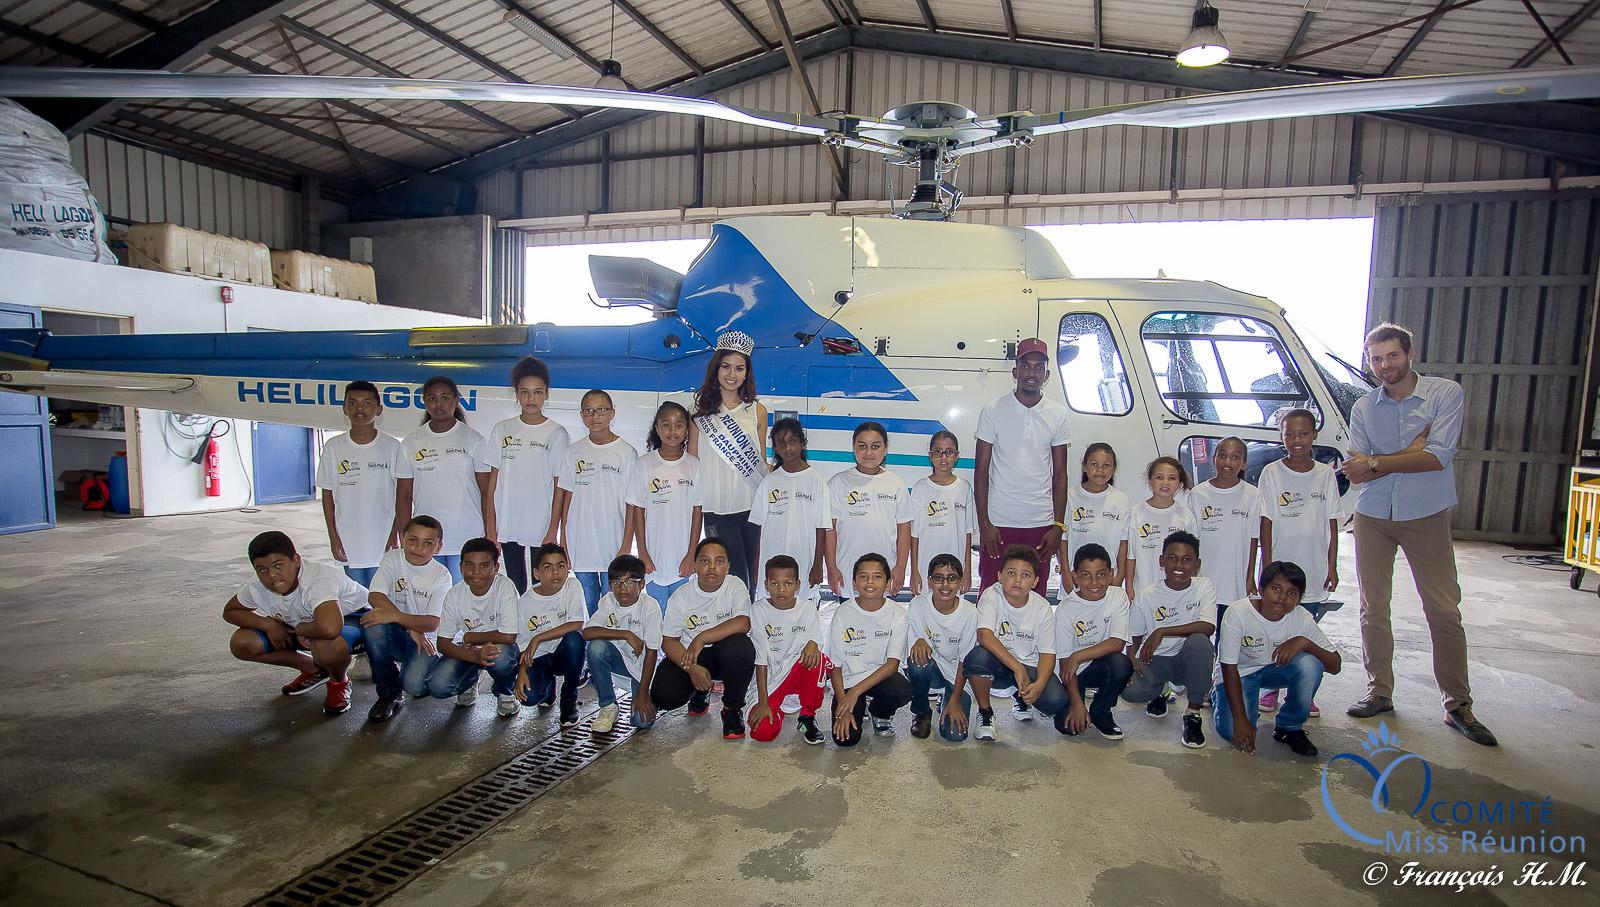 Miss Réunion en hélicoptère avec les enfants de 1000 Sourires